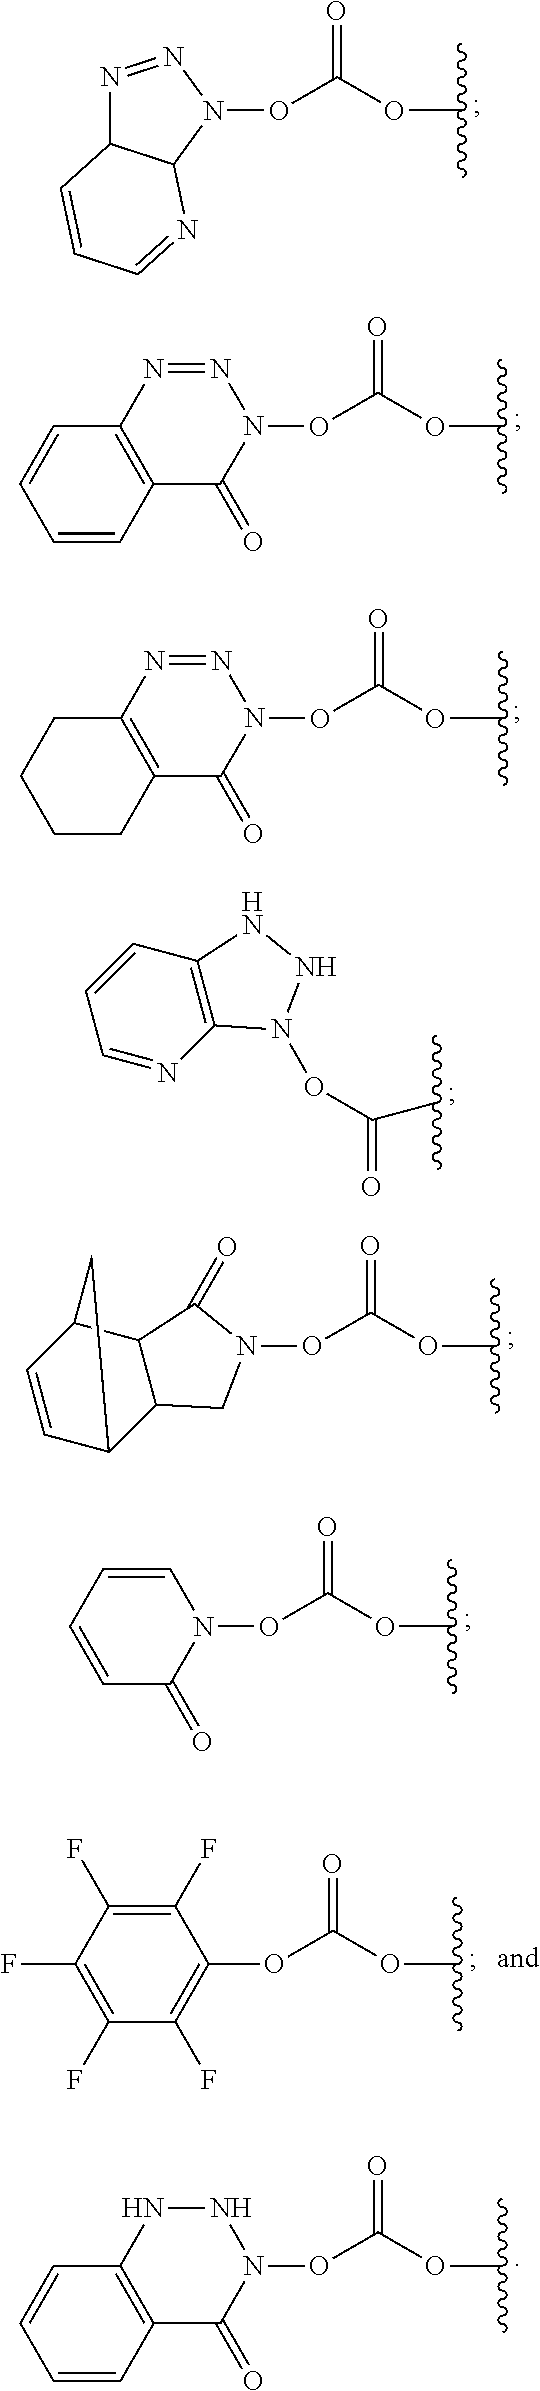 Figure US07956032-20110607-C00046